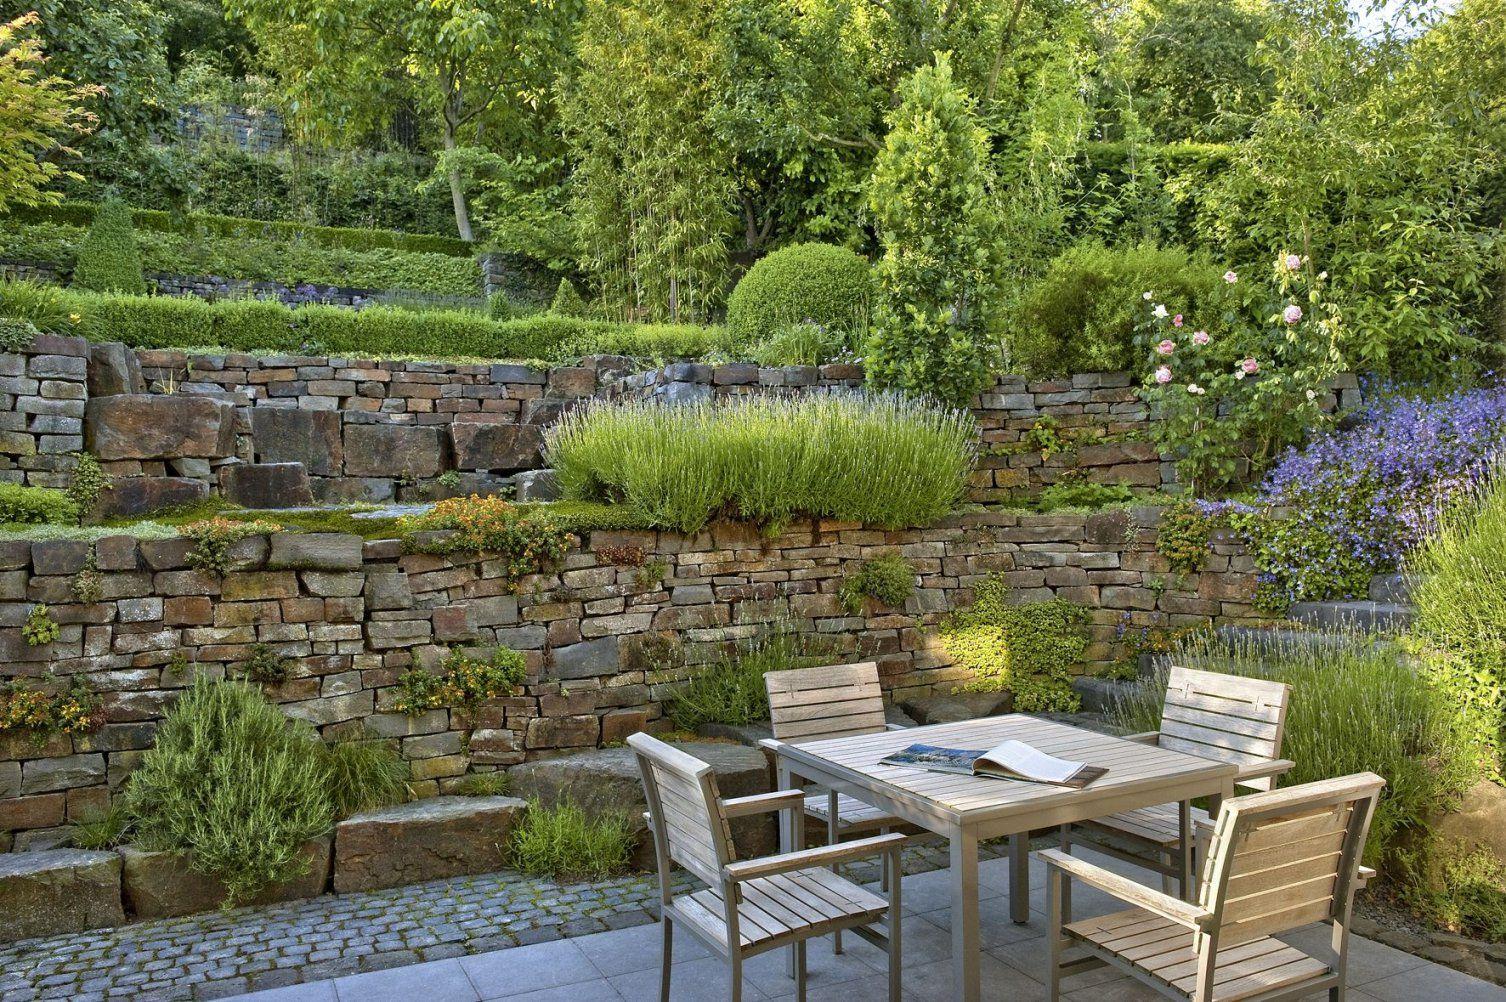 Garten trennw nde holz design von garten sichtschutz holz sch ner wohnen bild haus design ideen - Schoner wohnen jugendzimmer ...